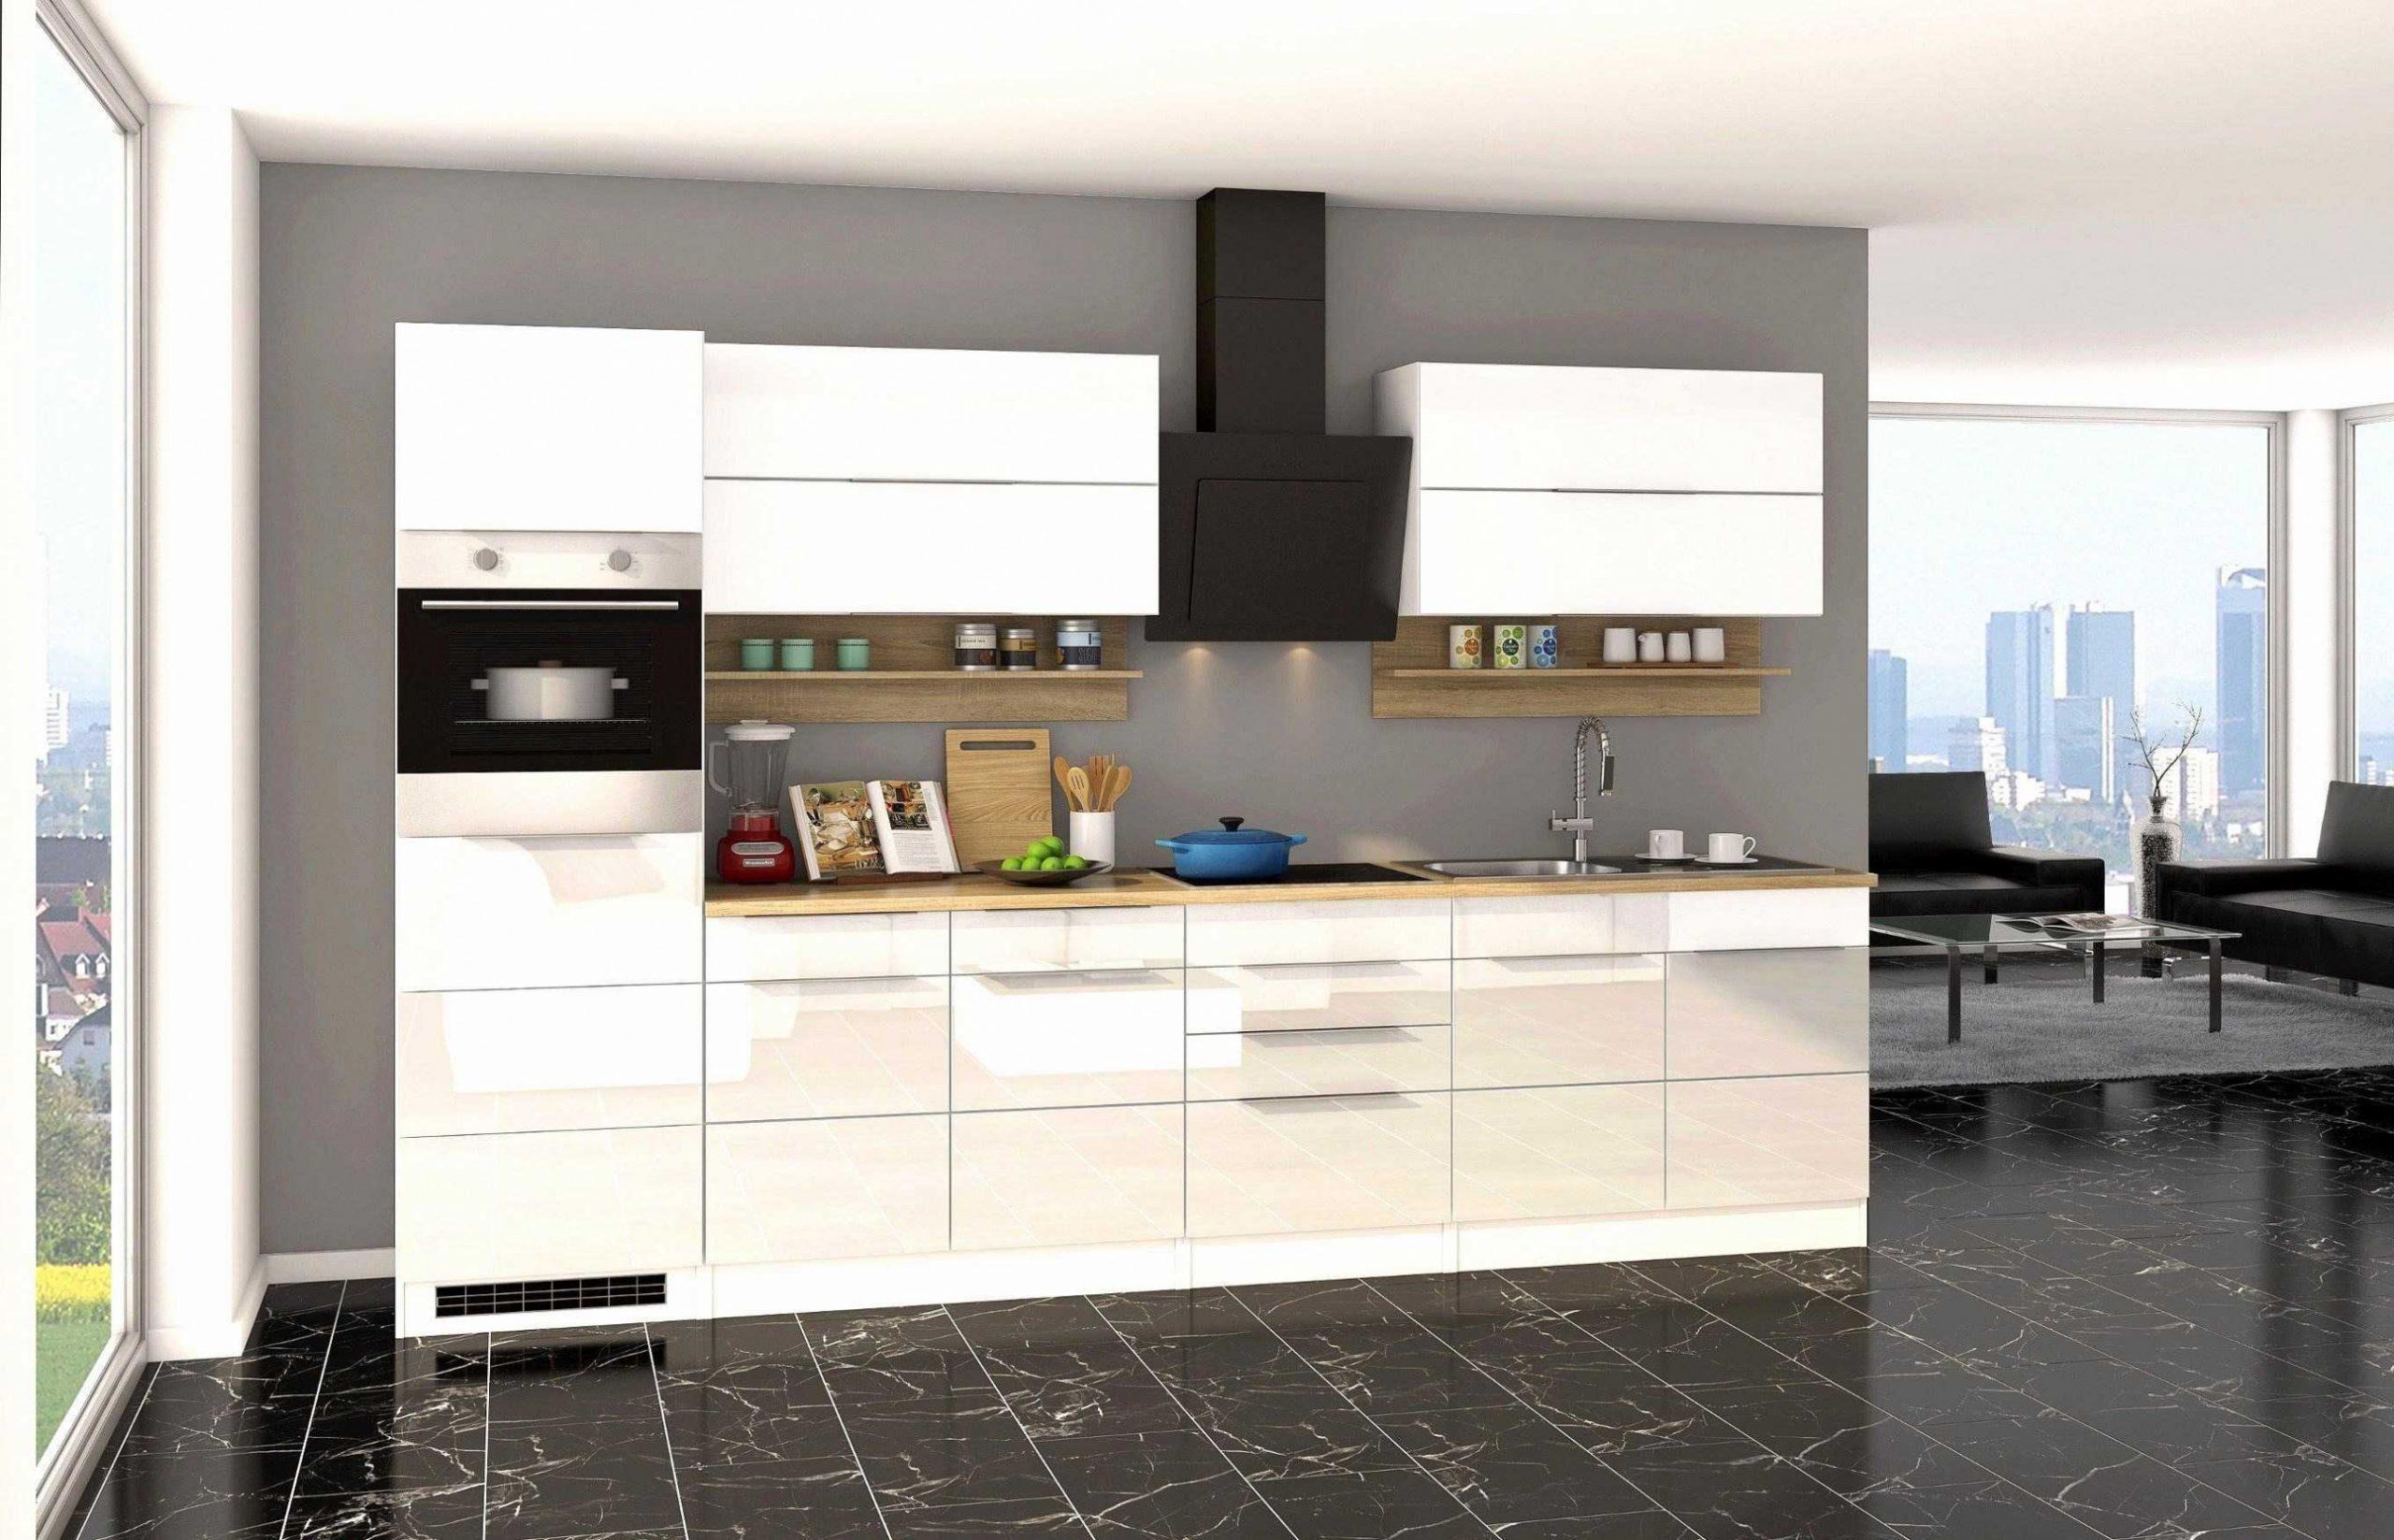 Full Size of Luxus 27 Von Design Heizkörper Wohnzimmer Hauptideen   Heizkörper Verstecken Ikea Wohnzimmer Heizkörper Wohnzimmer